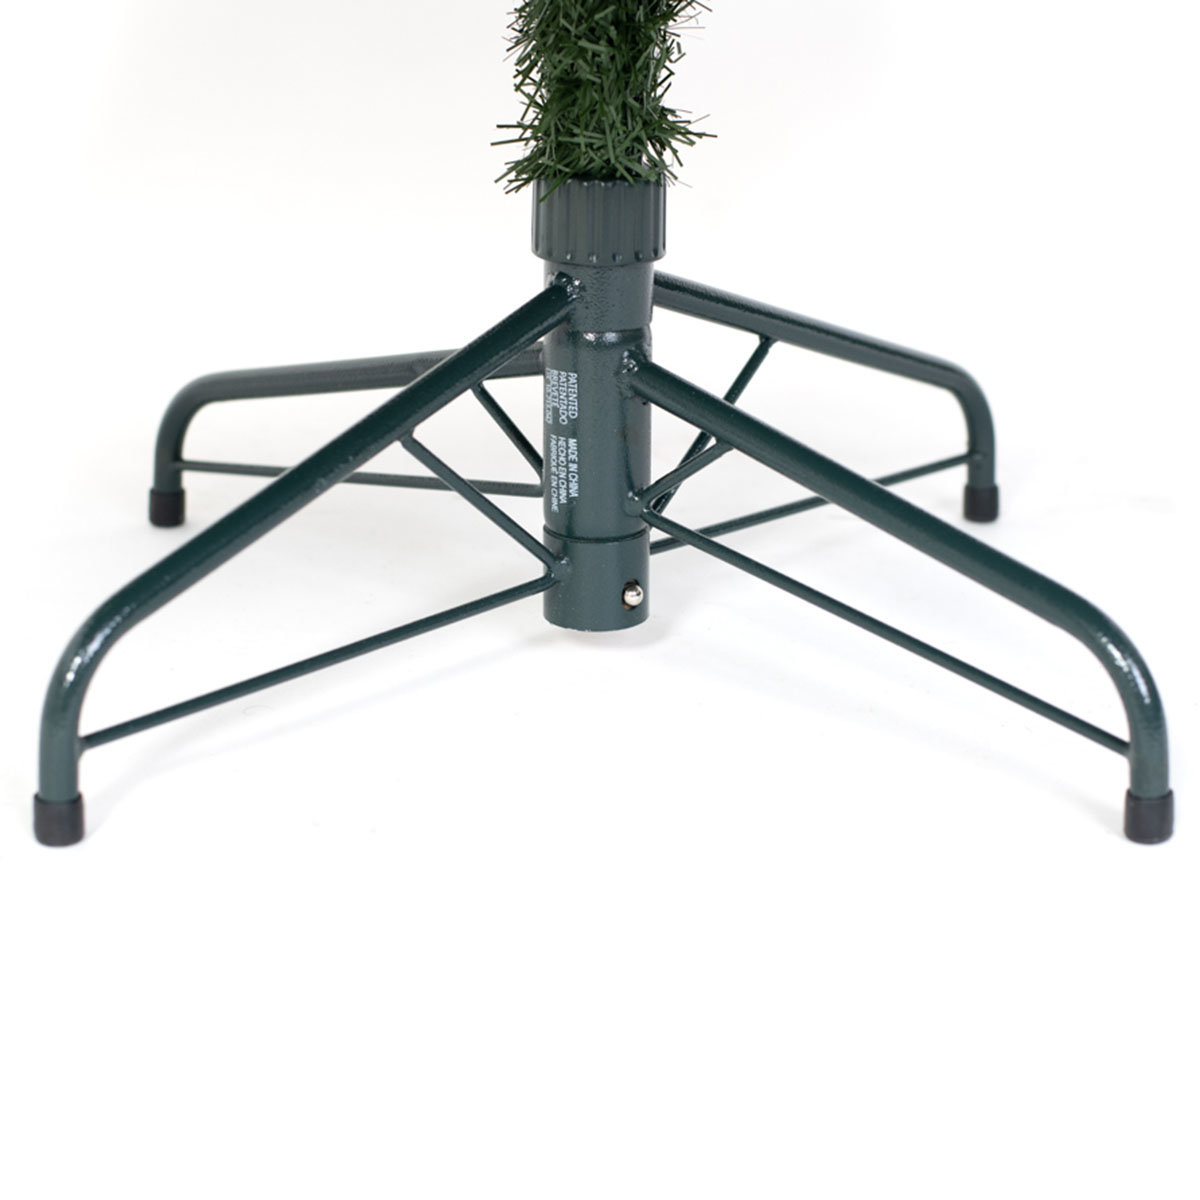 Künstlicher Weihnachtsbaum Kiefer mit LED-Beleuchtung, 180 cm   #7